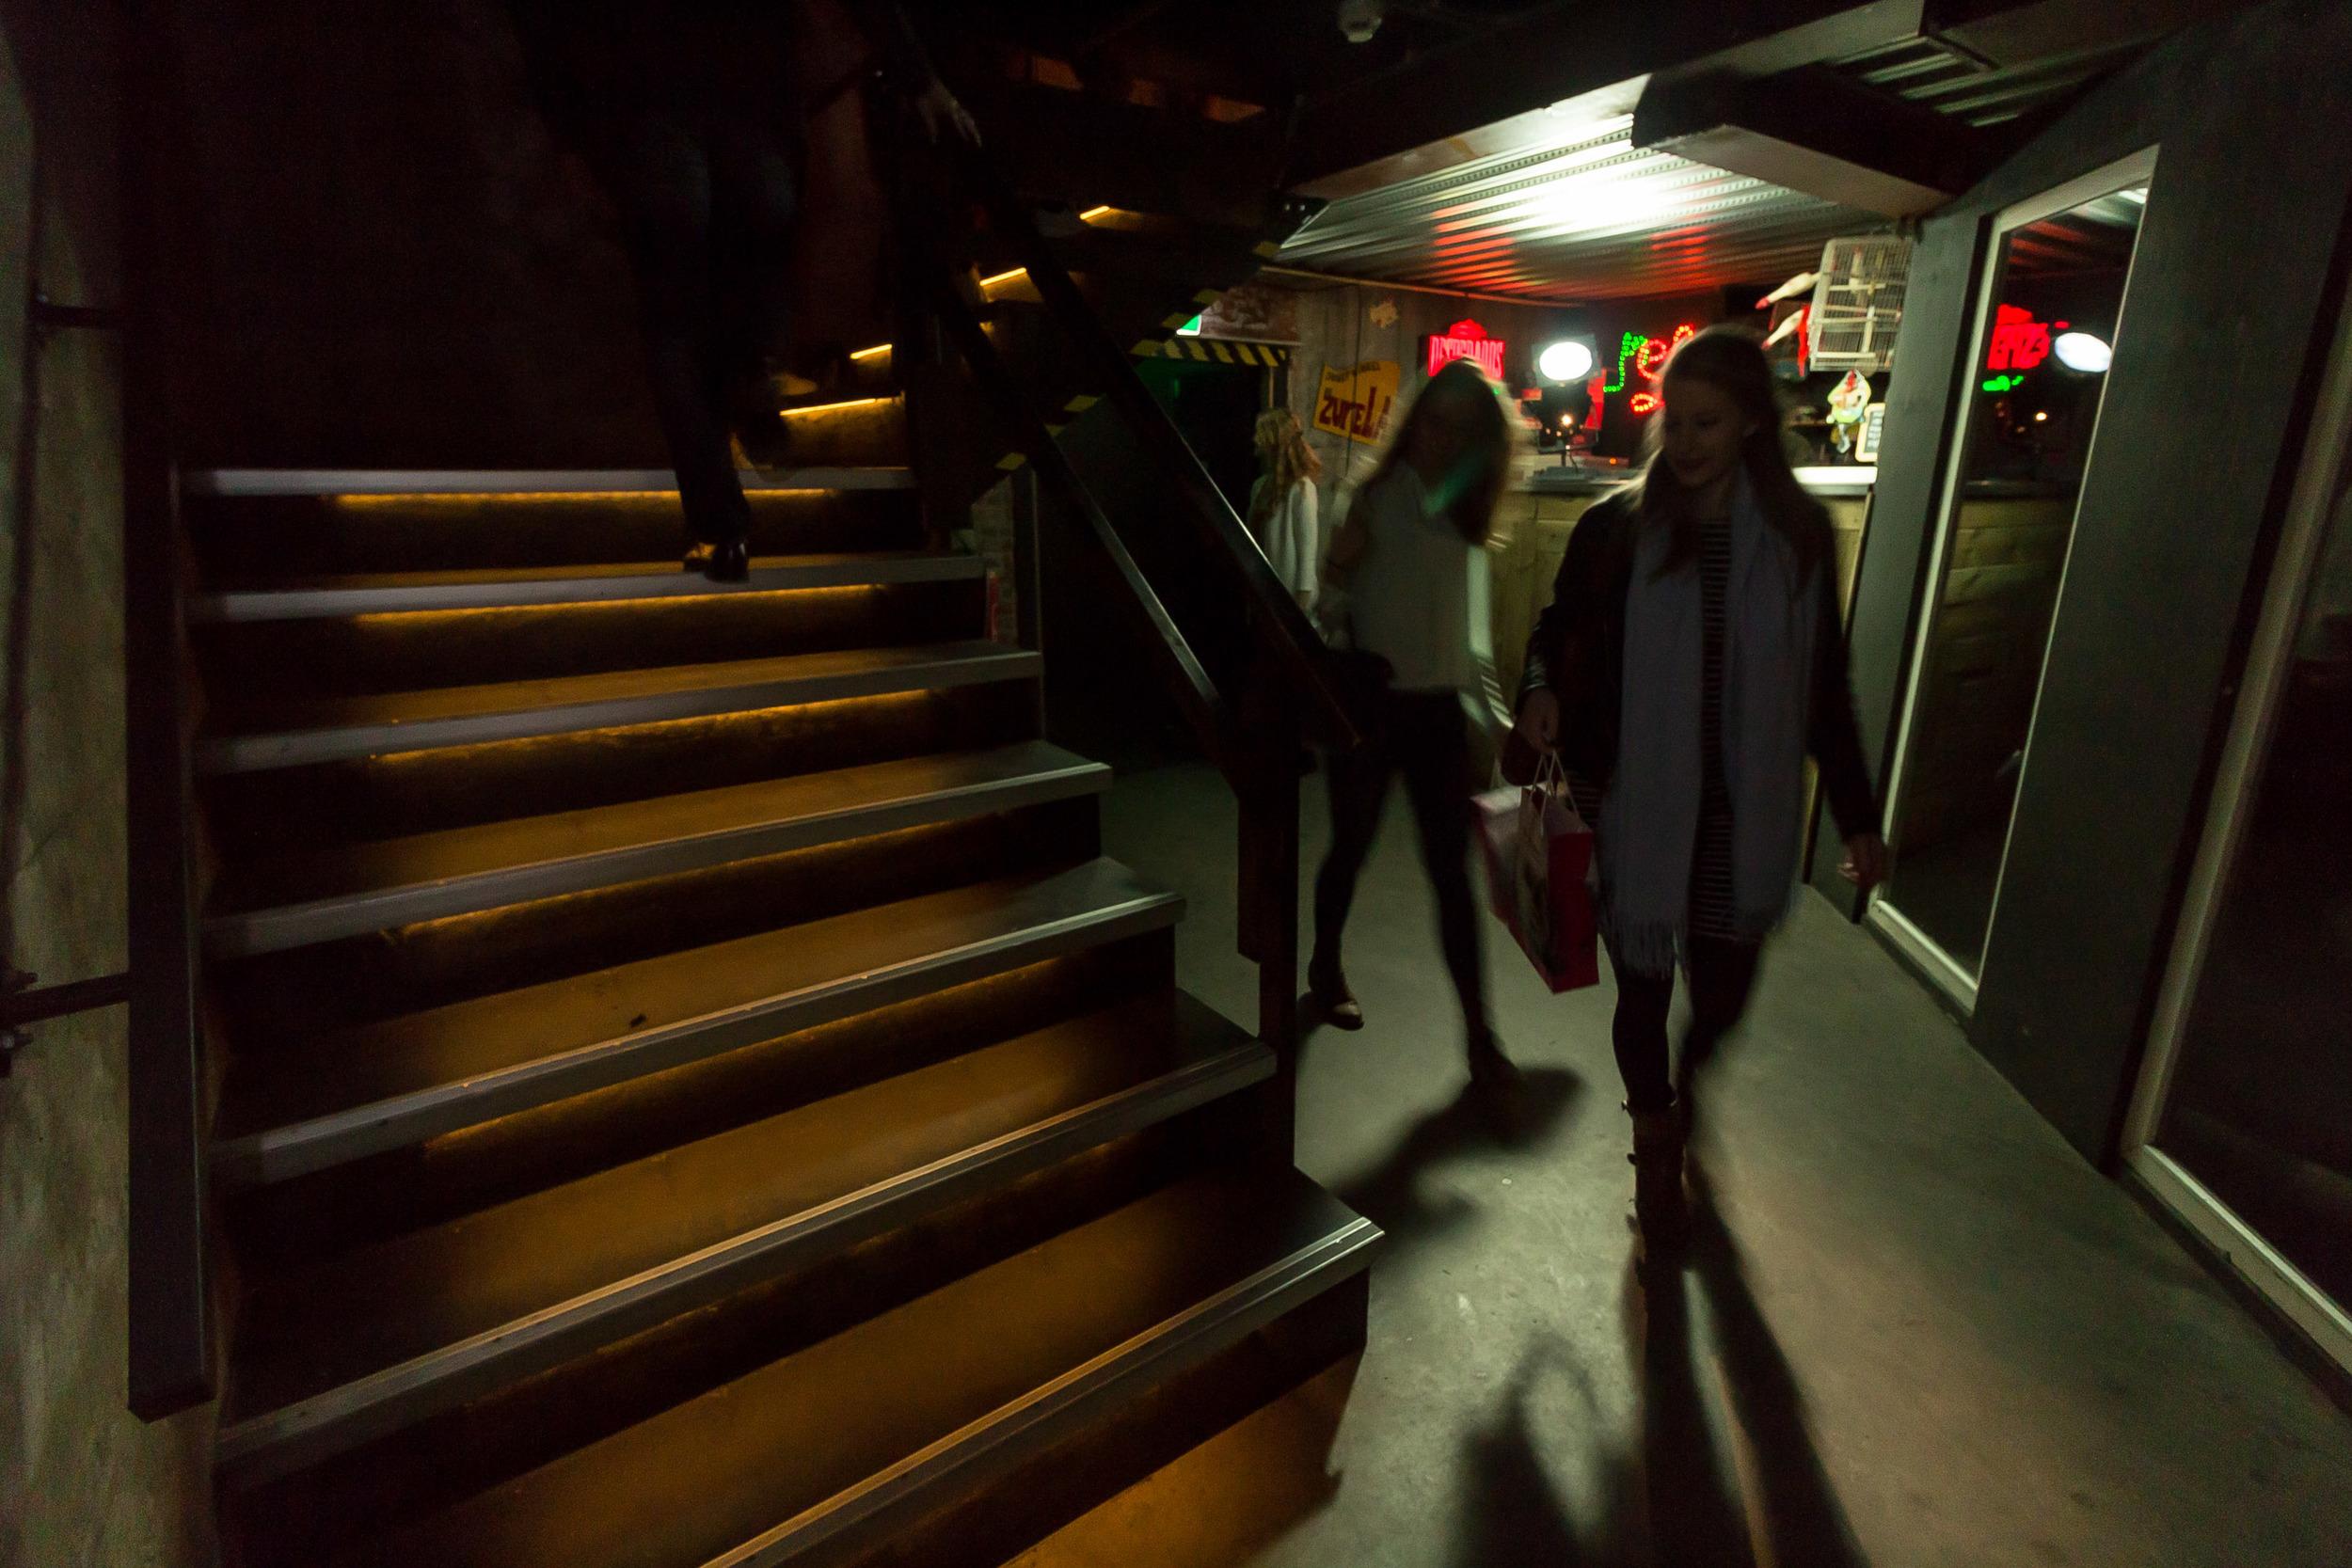 We gaan bijna van start met het dagprogramma. De deelnemers begeven zich door de catacomben van Radion naar de Grote Zaal.